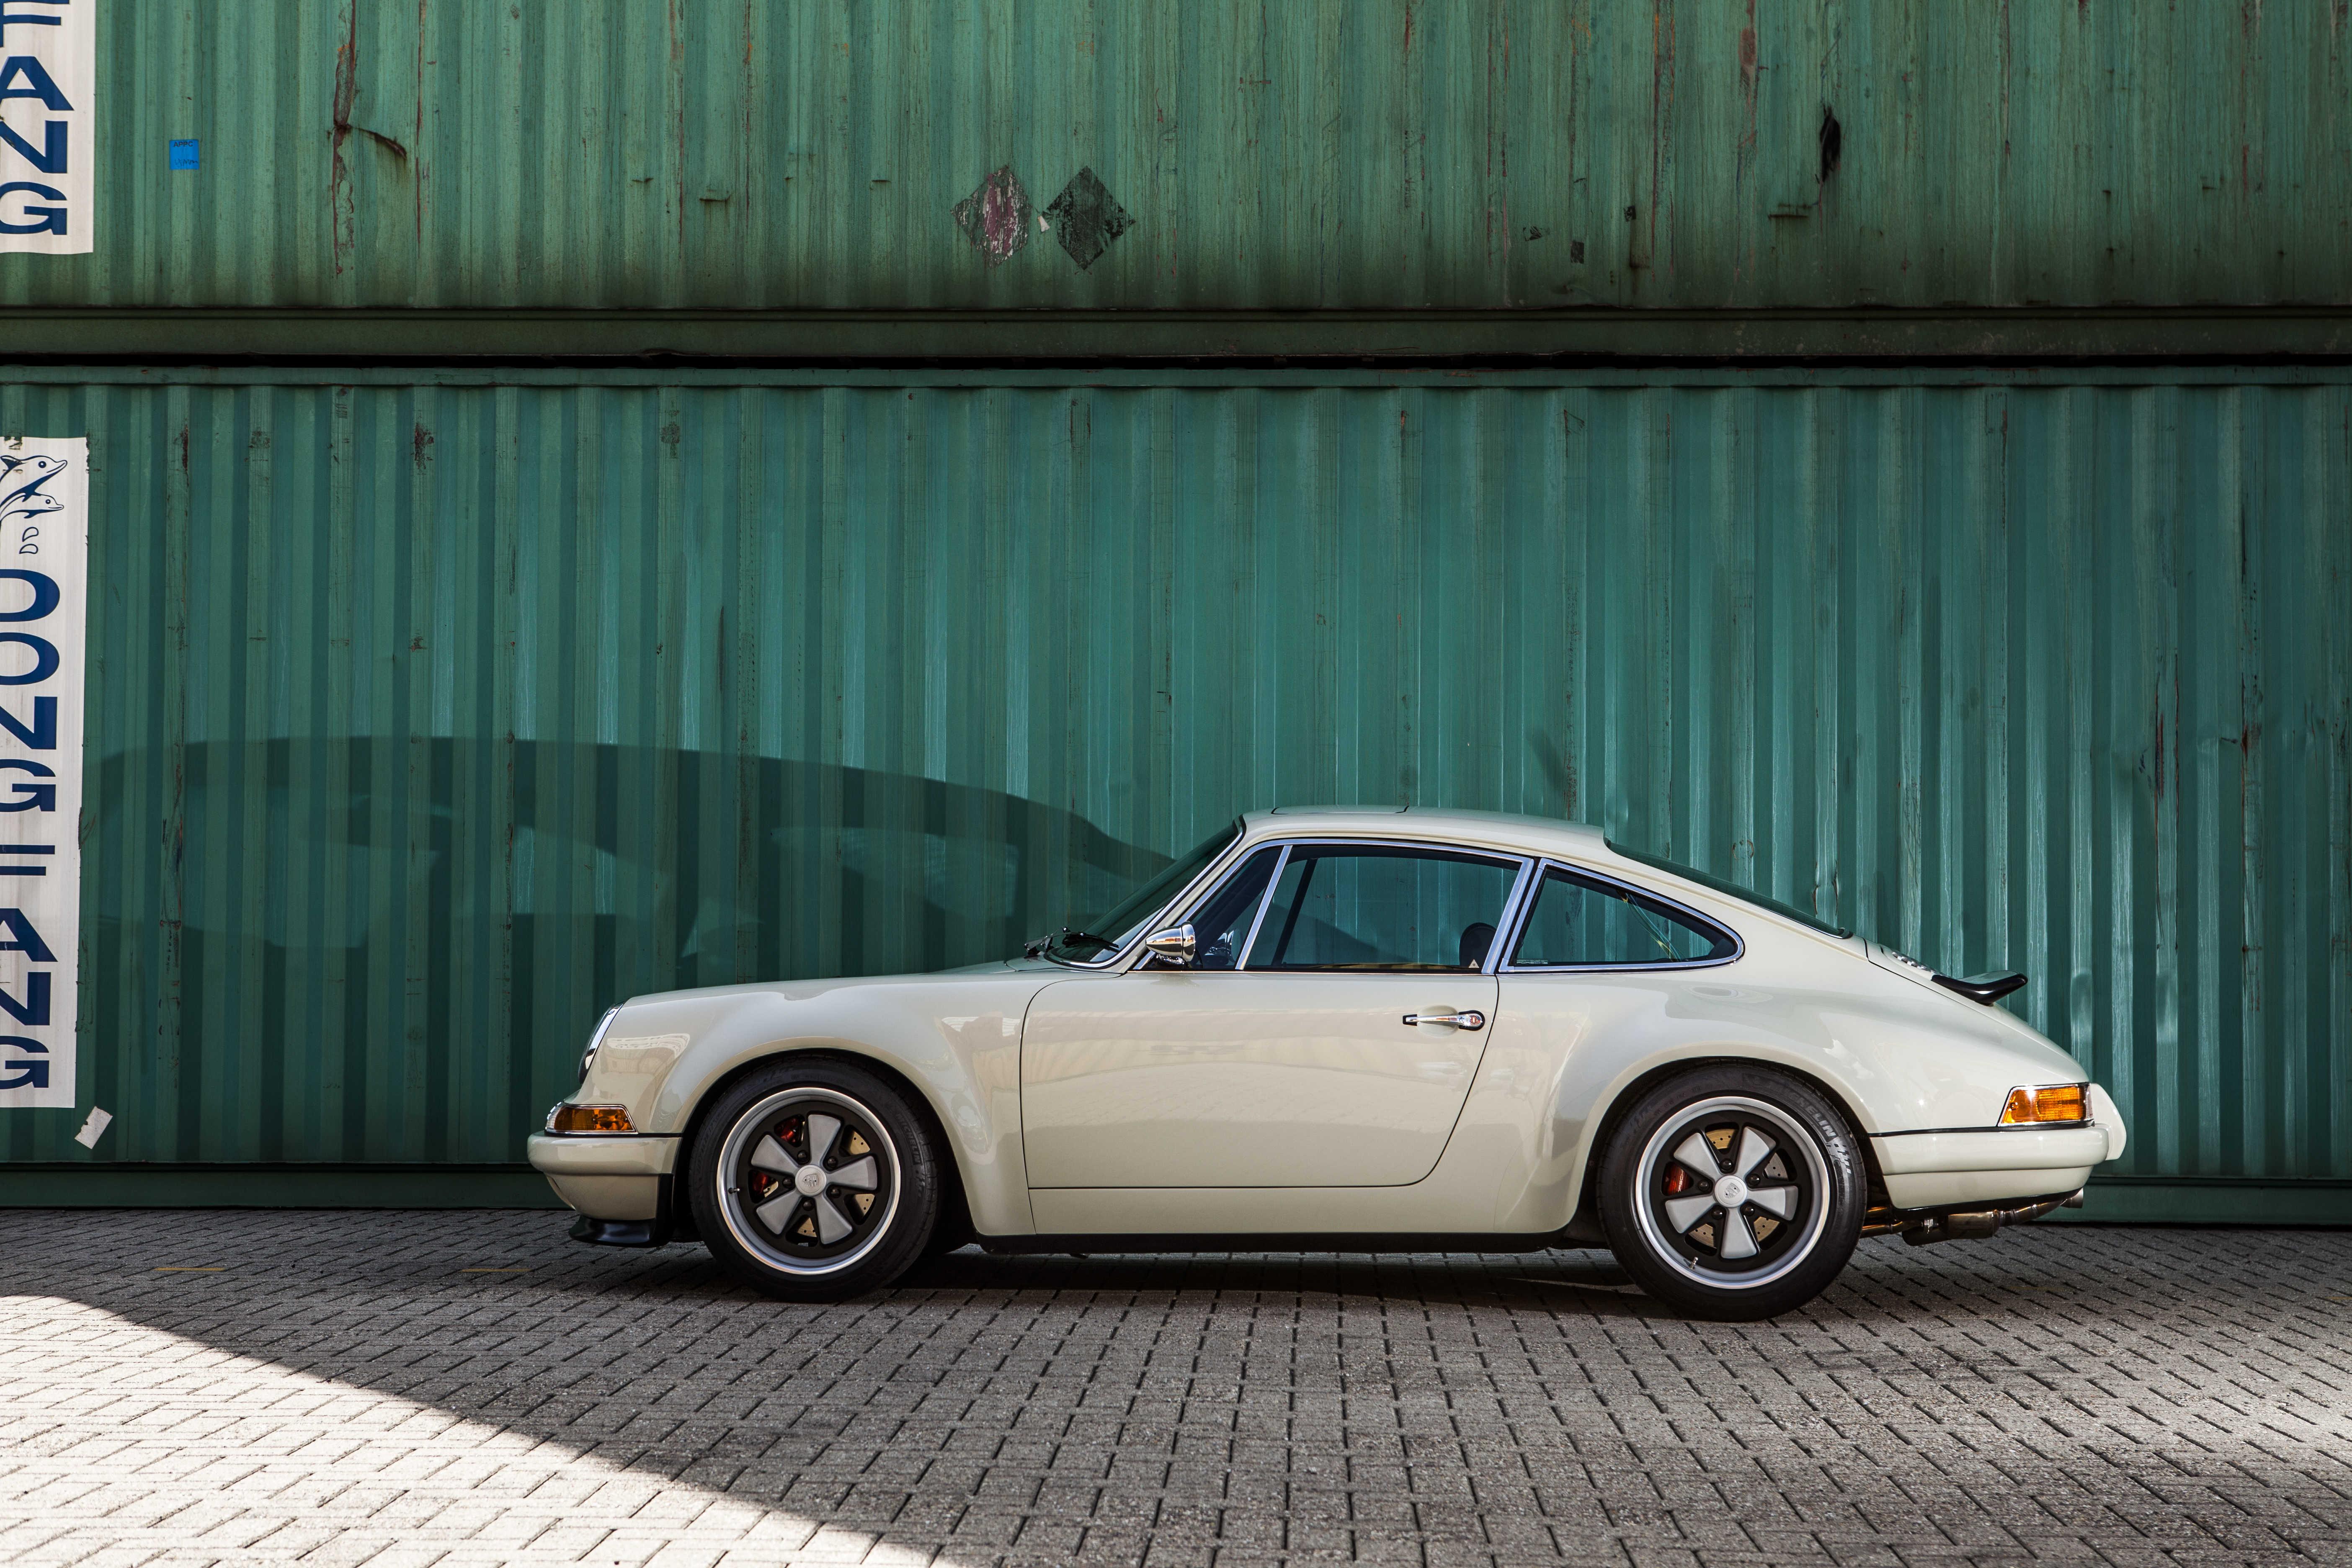 Porsche 911 Von Schmidt #001 09